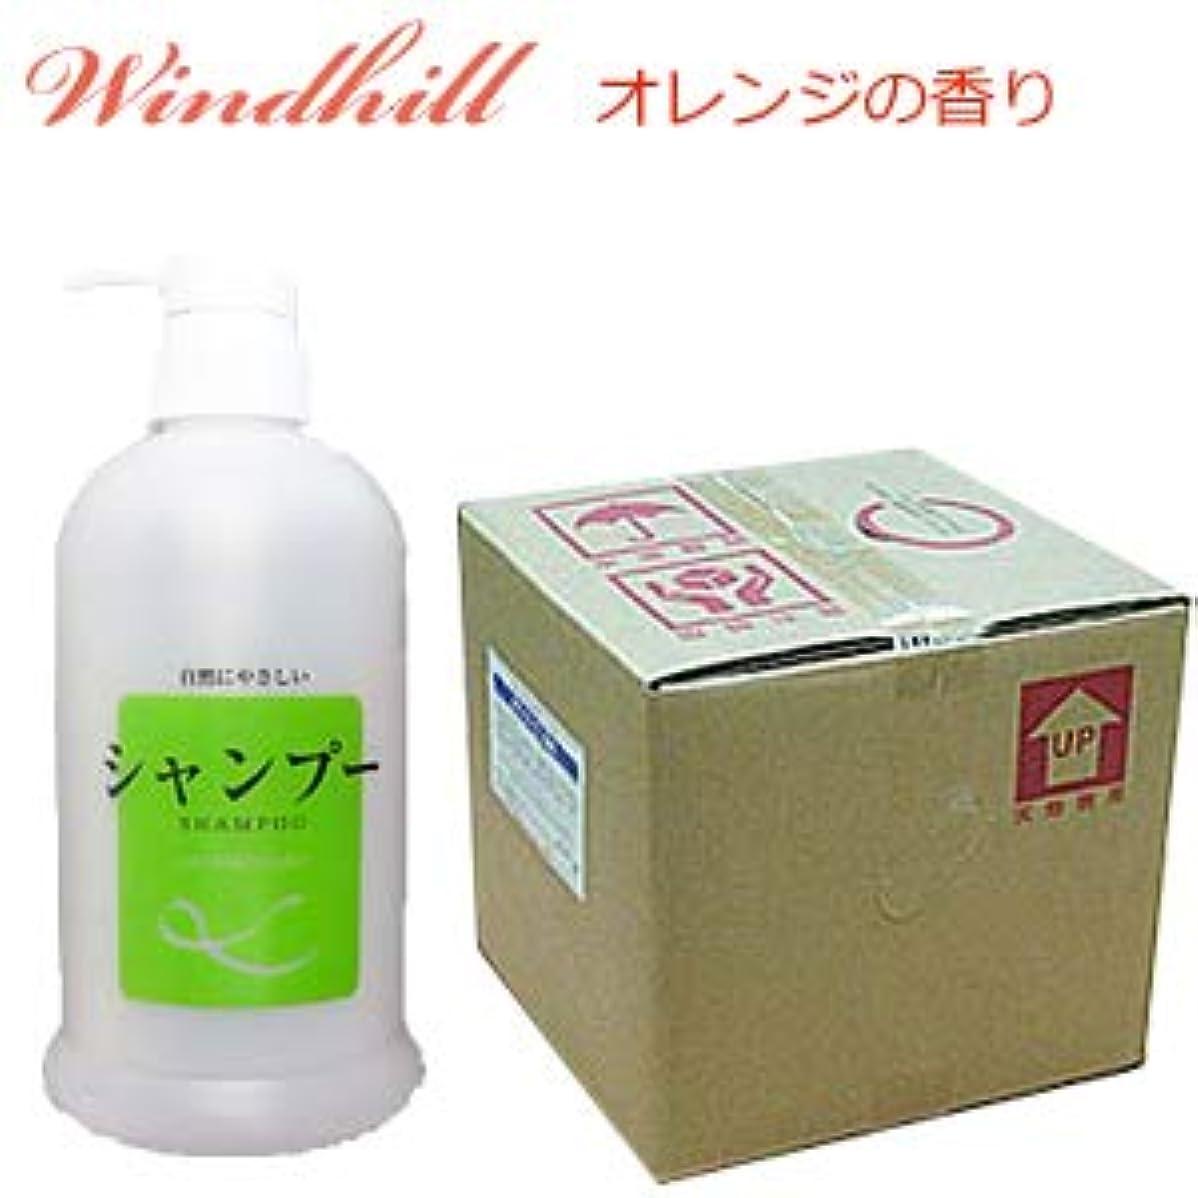 ステレオ職業早いWindhill 植物性 業務用 シャンプー オレンジの香り 20L(1セット20L入)